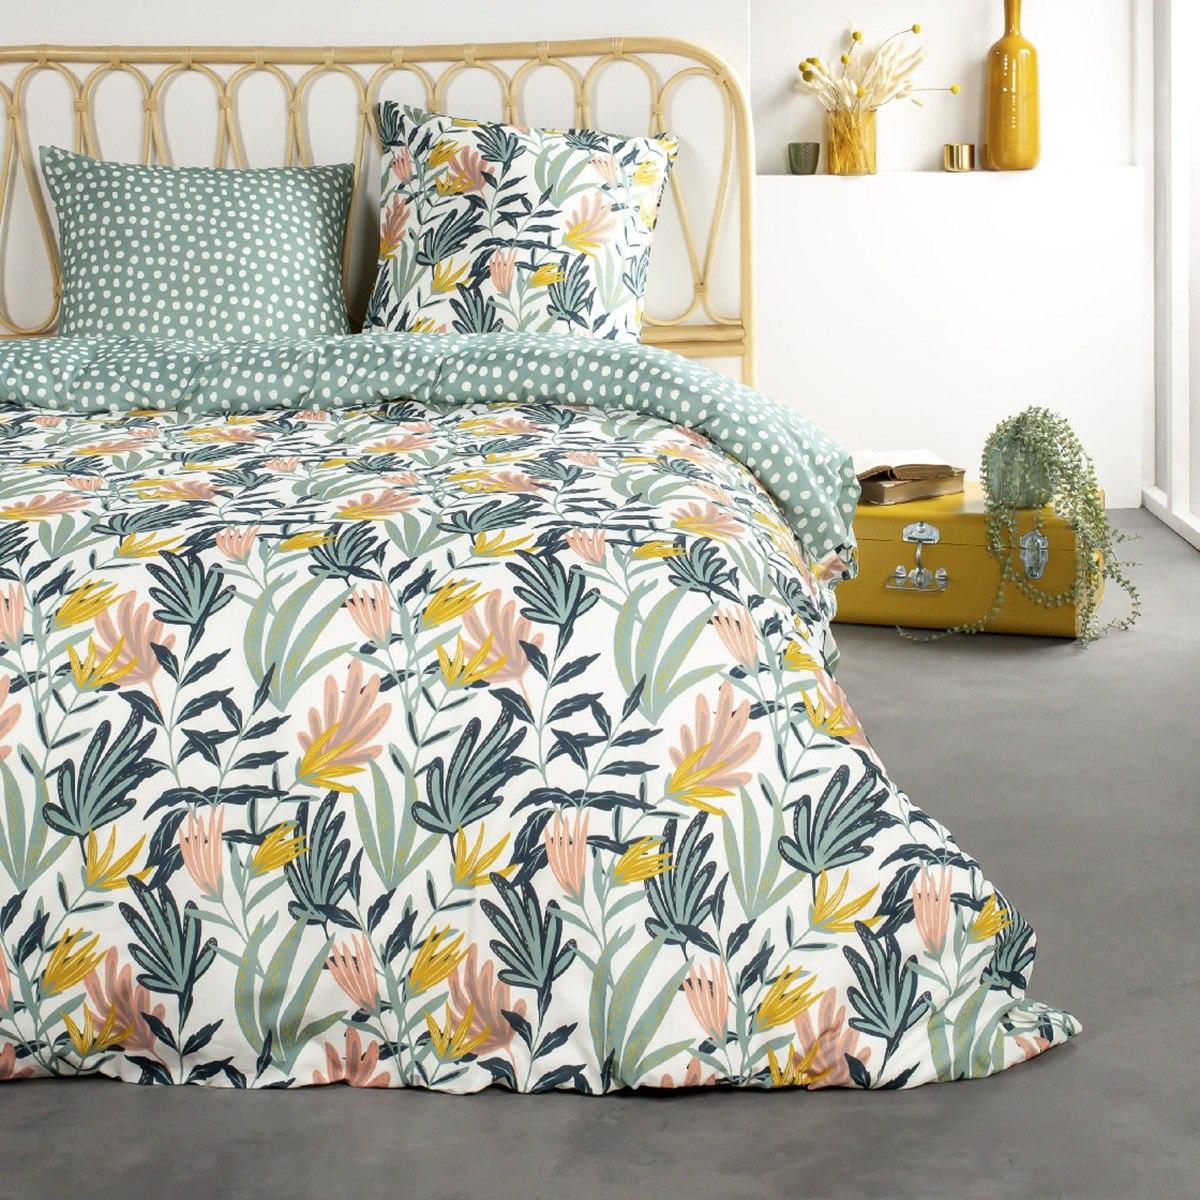 Parure de lit 2 personnes imprimé floral en Coton Vert 240x260 cm